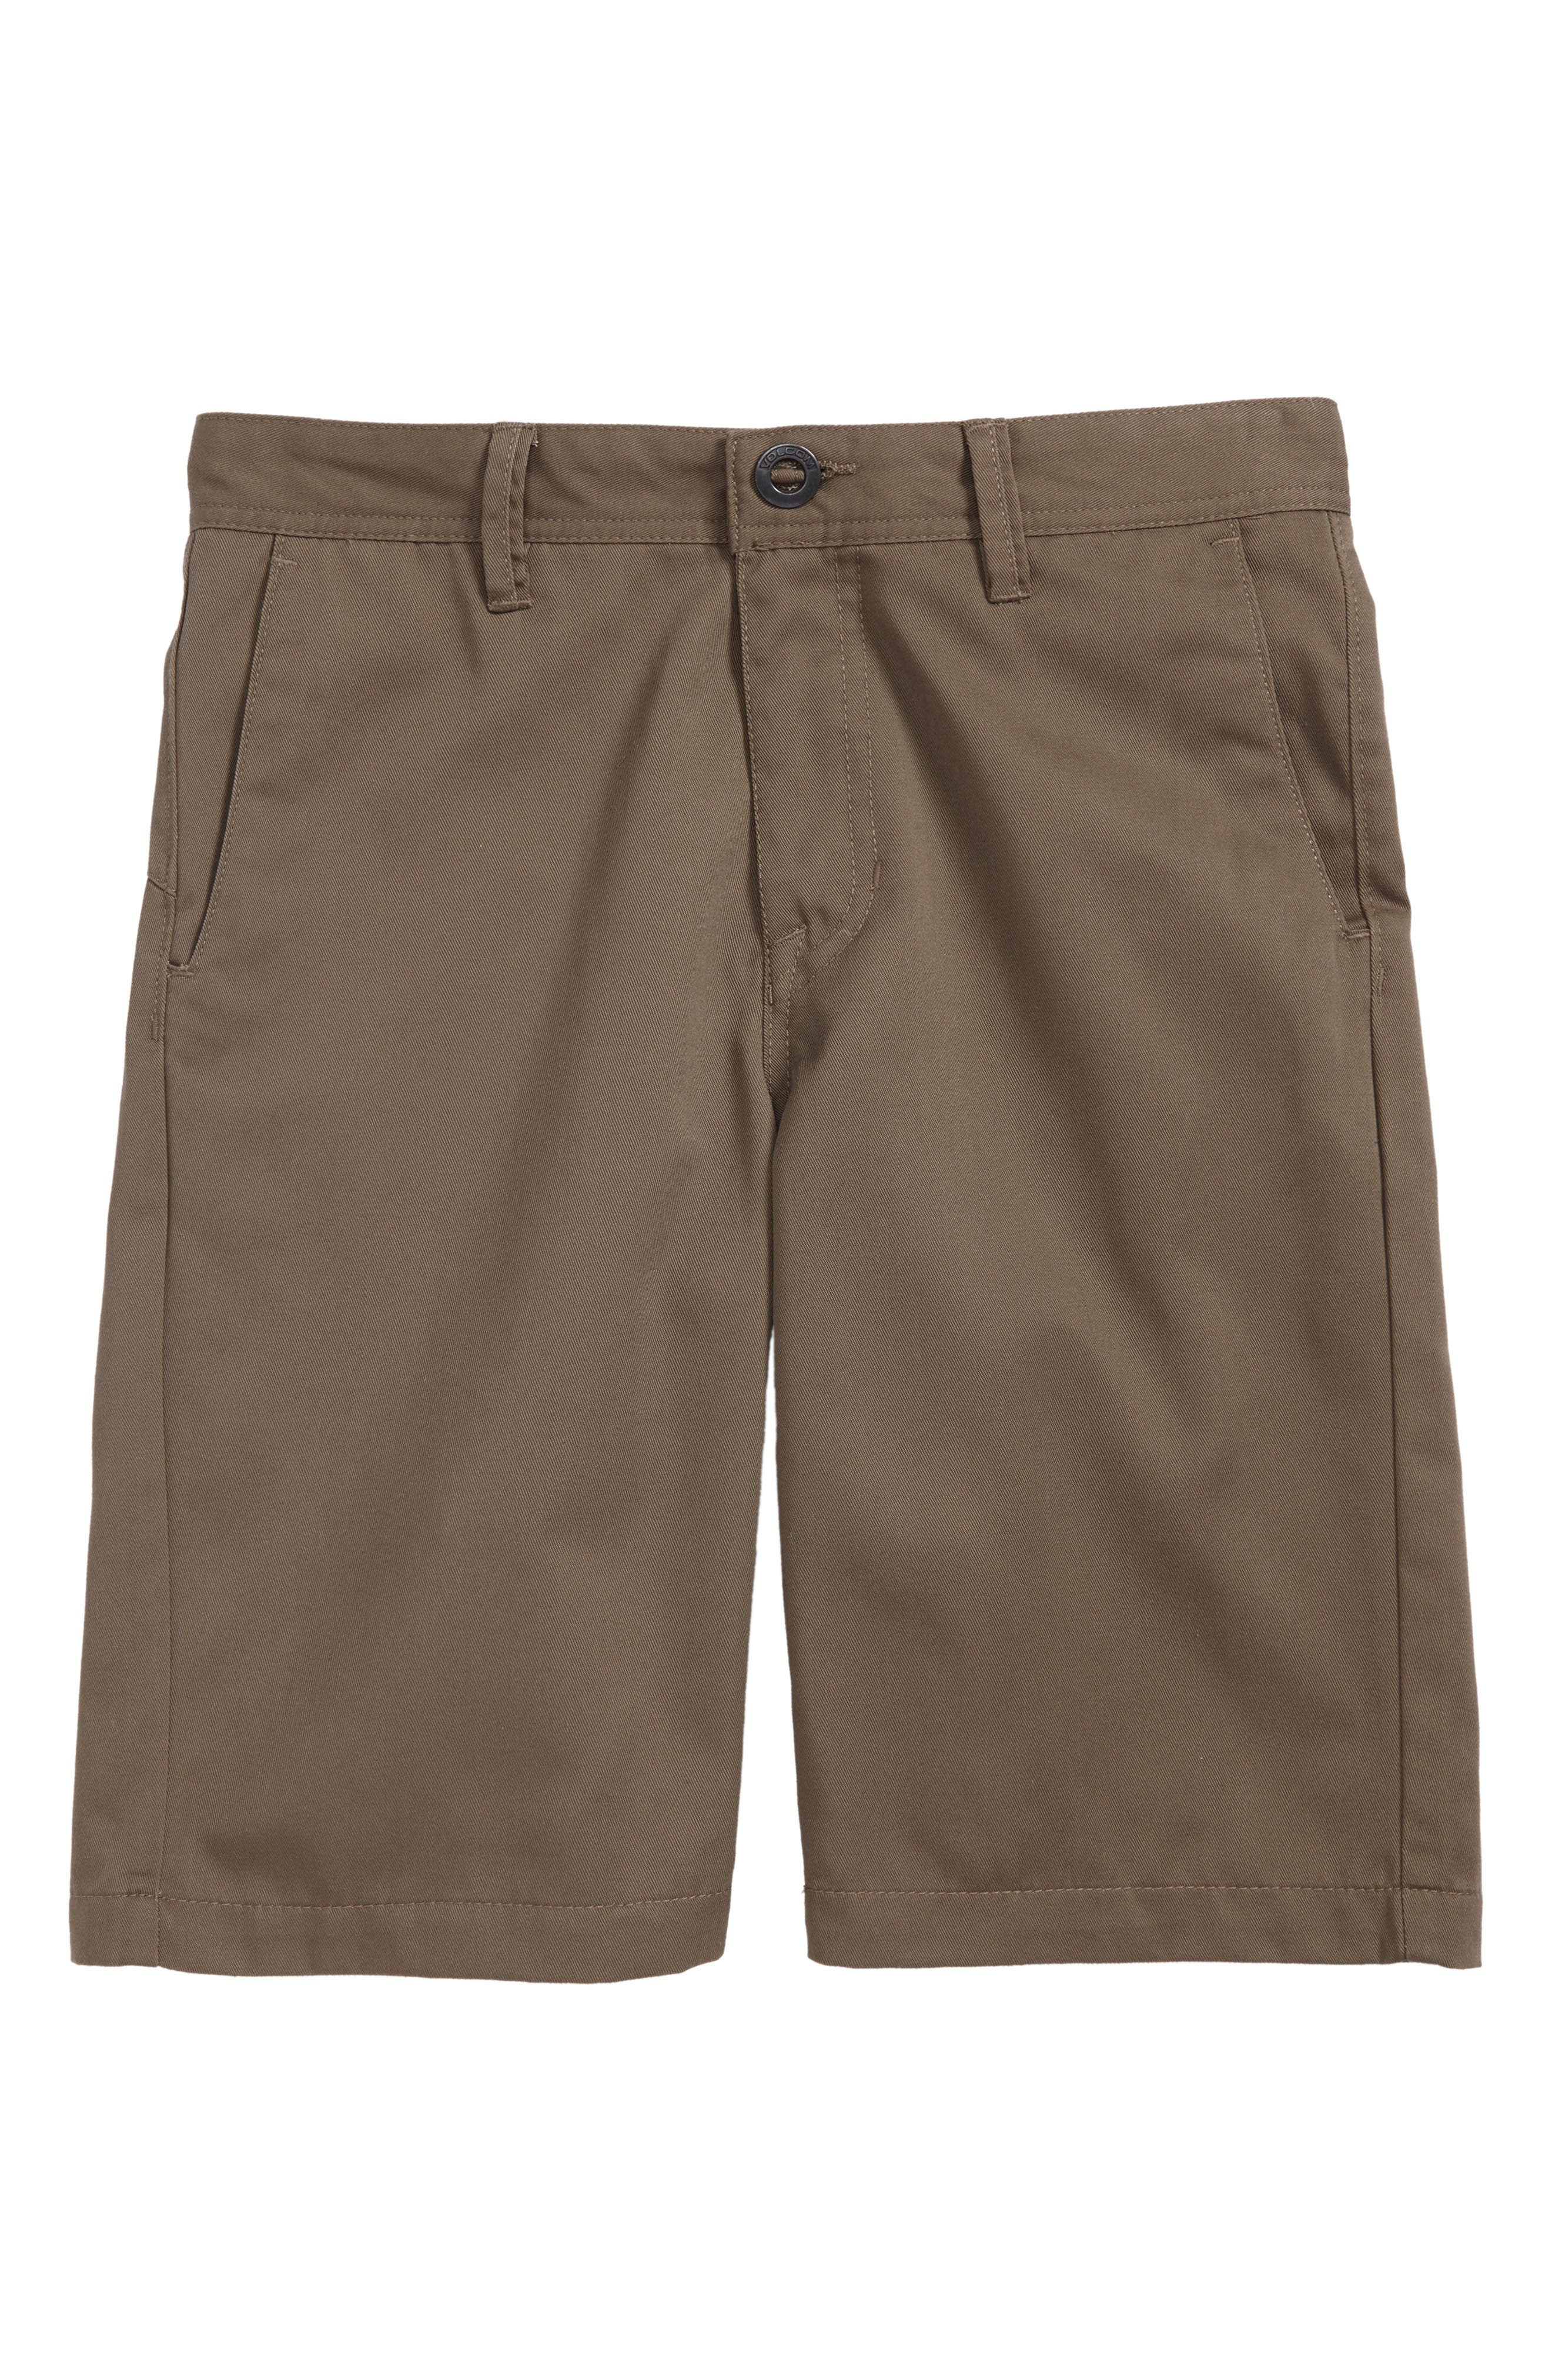 Chino Shorts,                             Main thumbnail 1, color,                             MUSHROOM